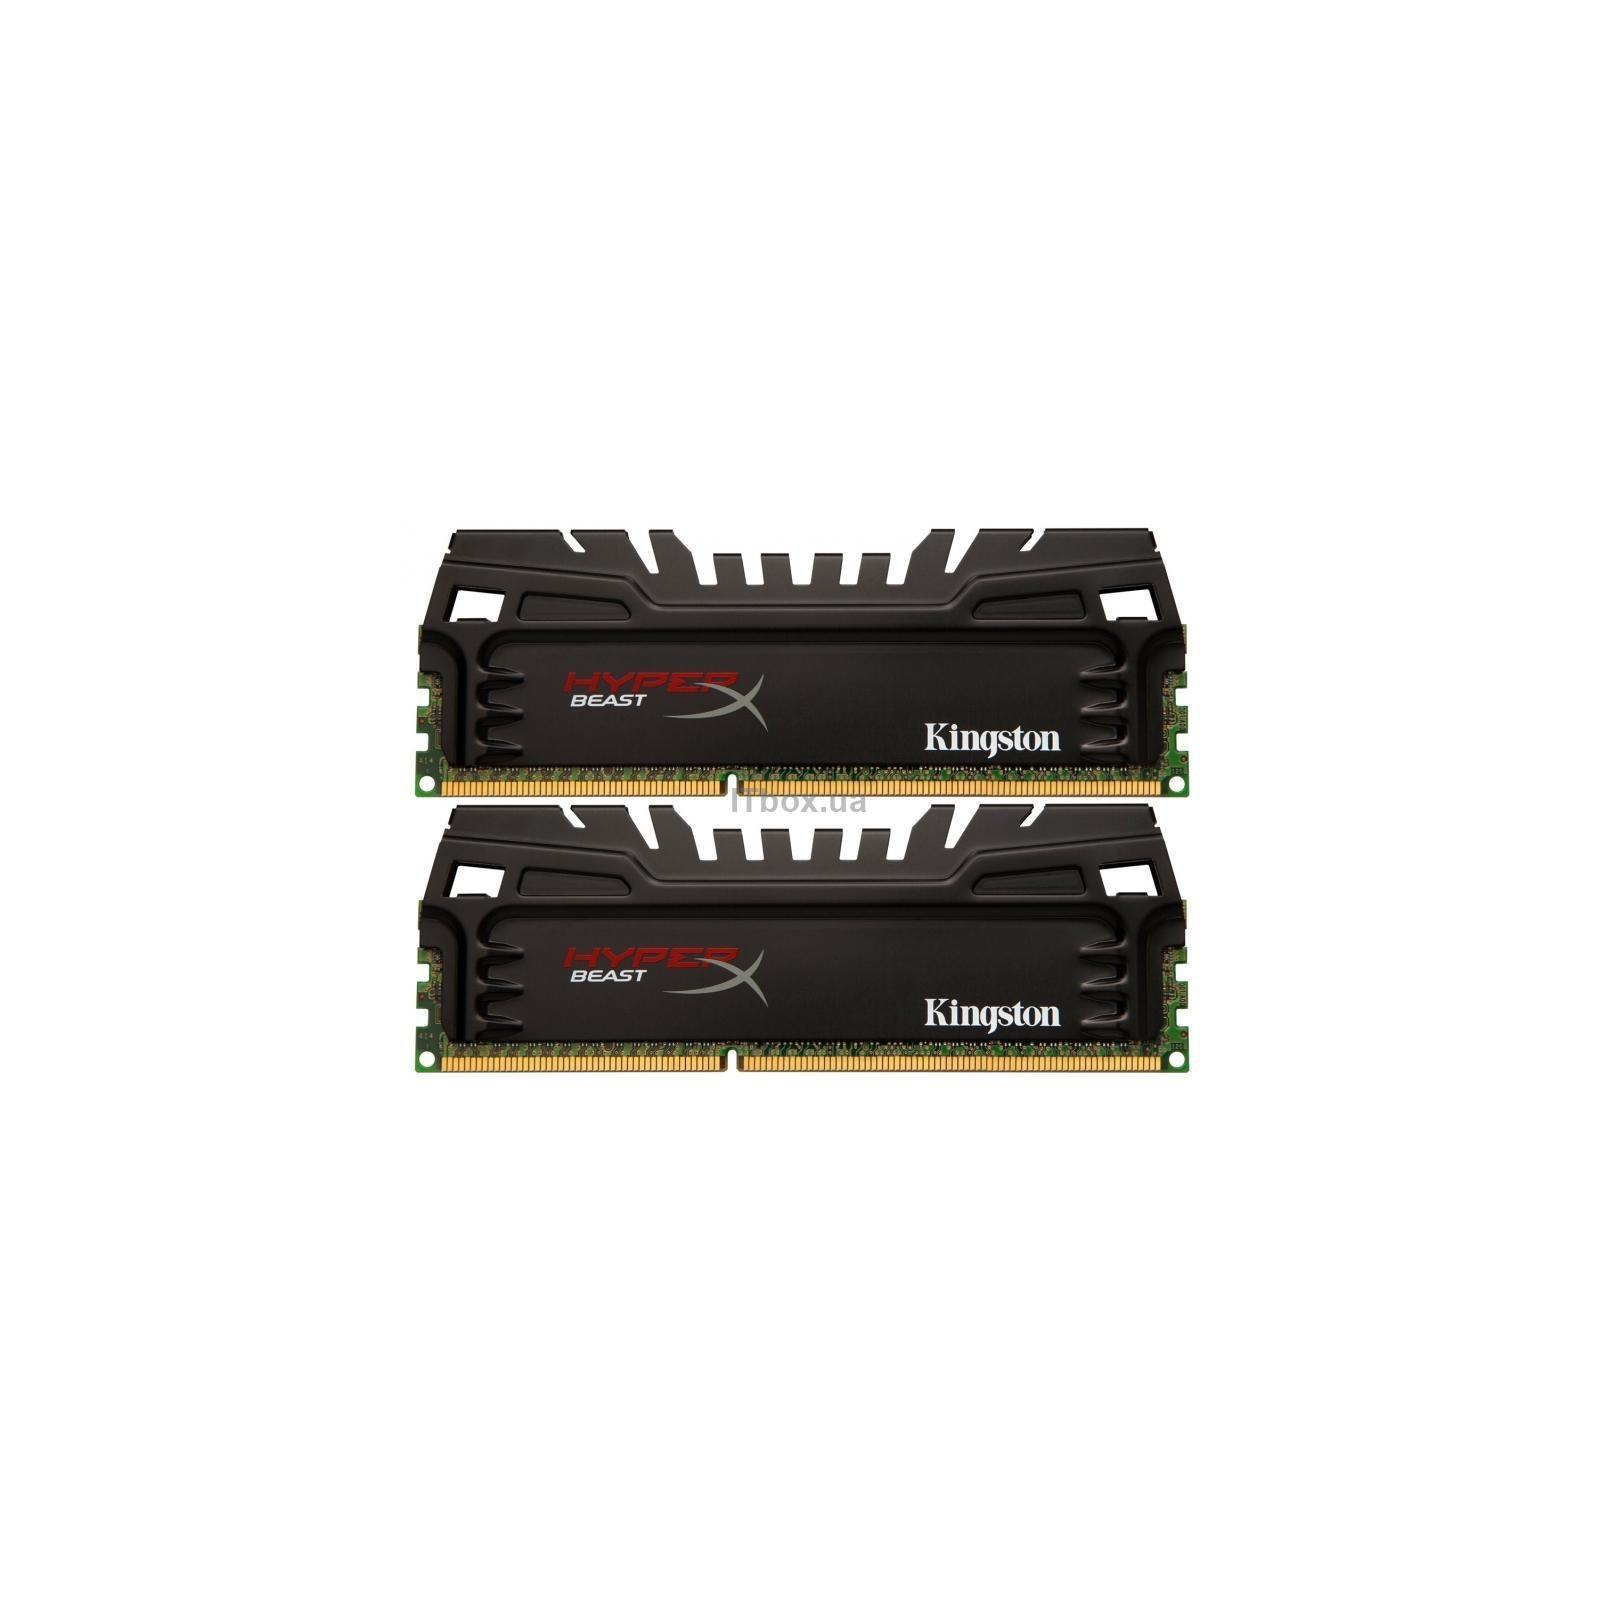 Модуль памяти Kingston HyperX Predator PC3-19200 DIMM DDR3 2400MHz - 8Gb KIT (2x4Gb) HX324C11T2K2/8 CL11